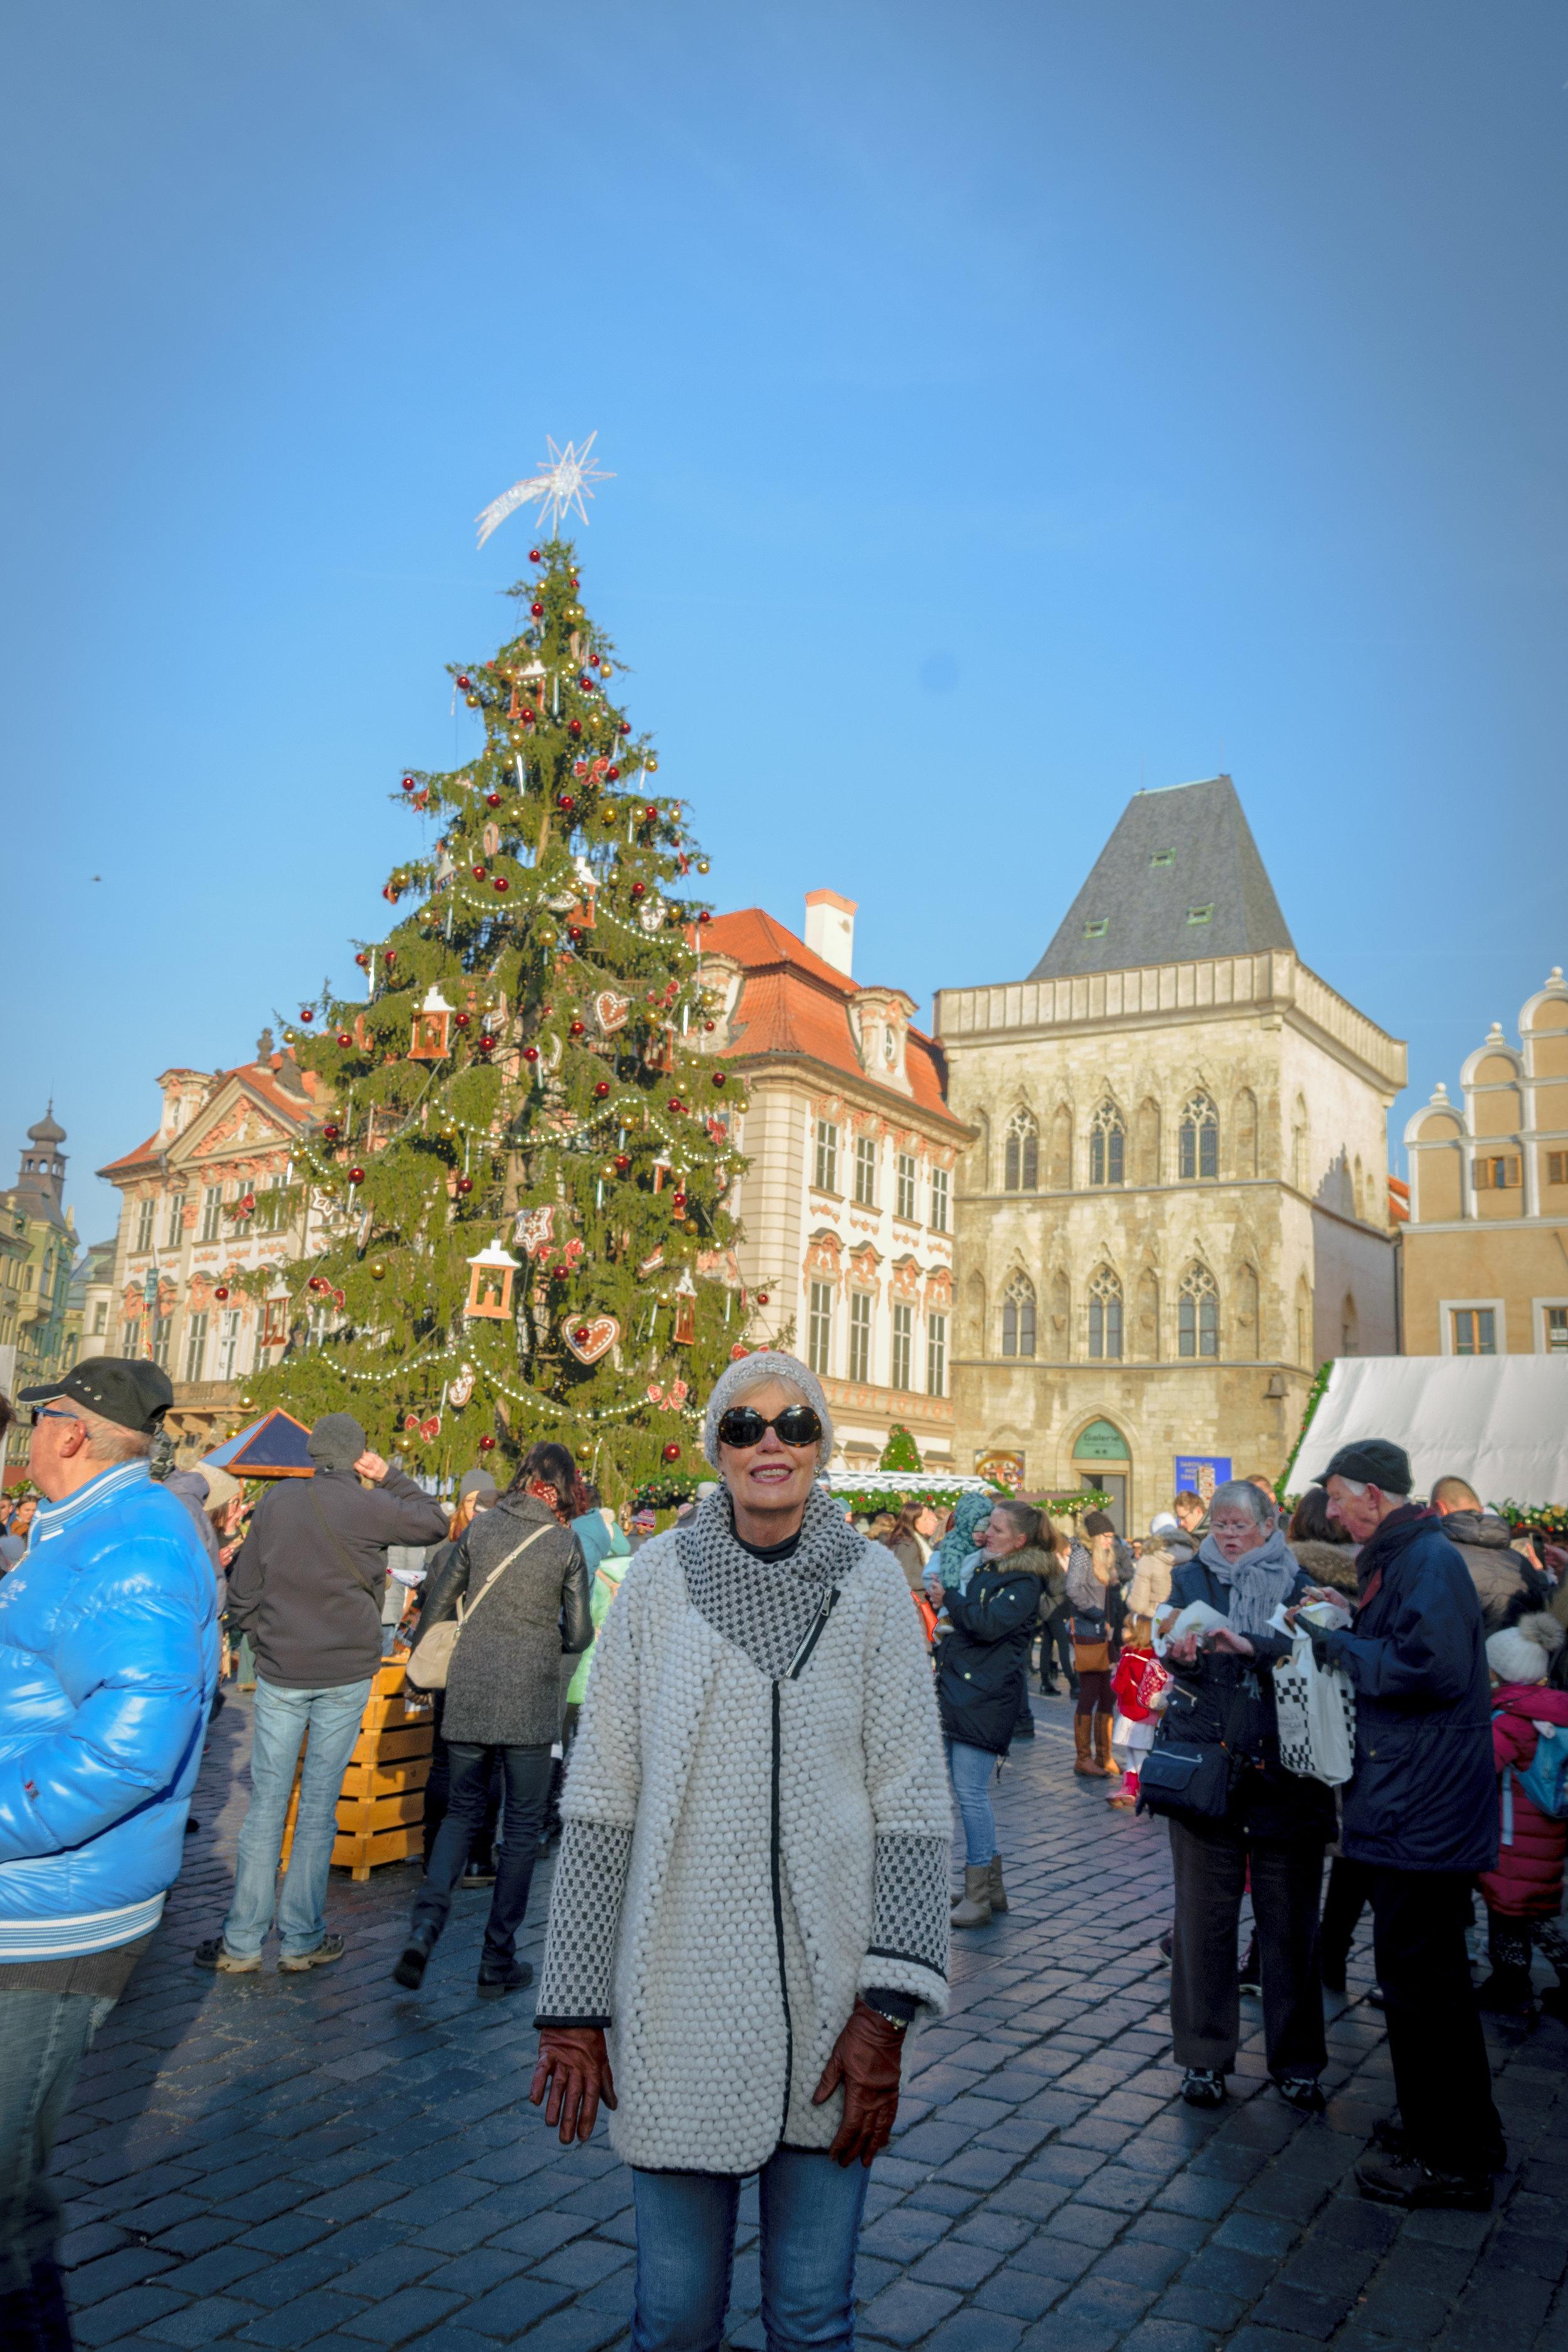 Prague-1-10.jpg